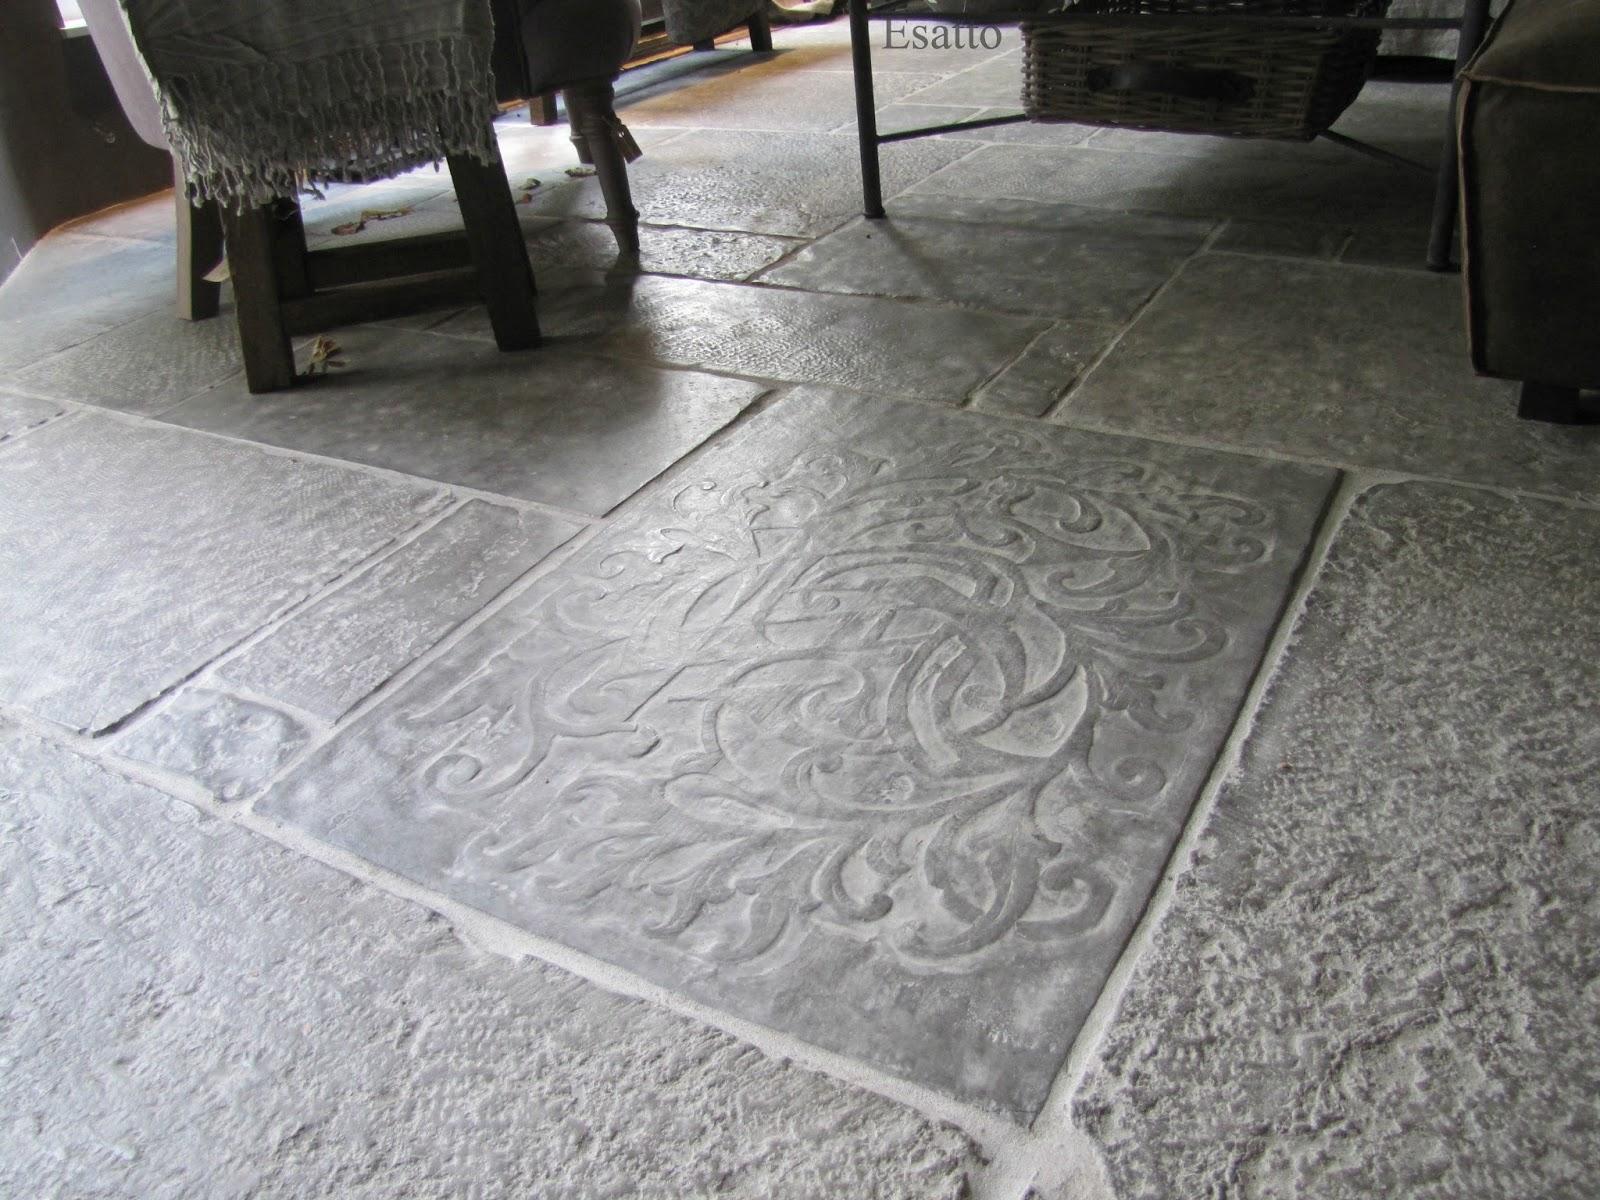 Esatto by Ravensbergen Castle Stones